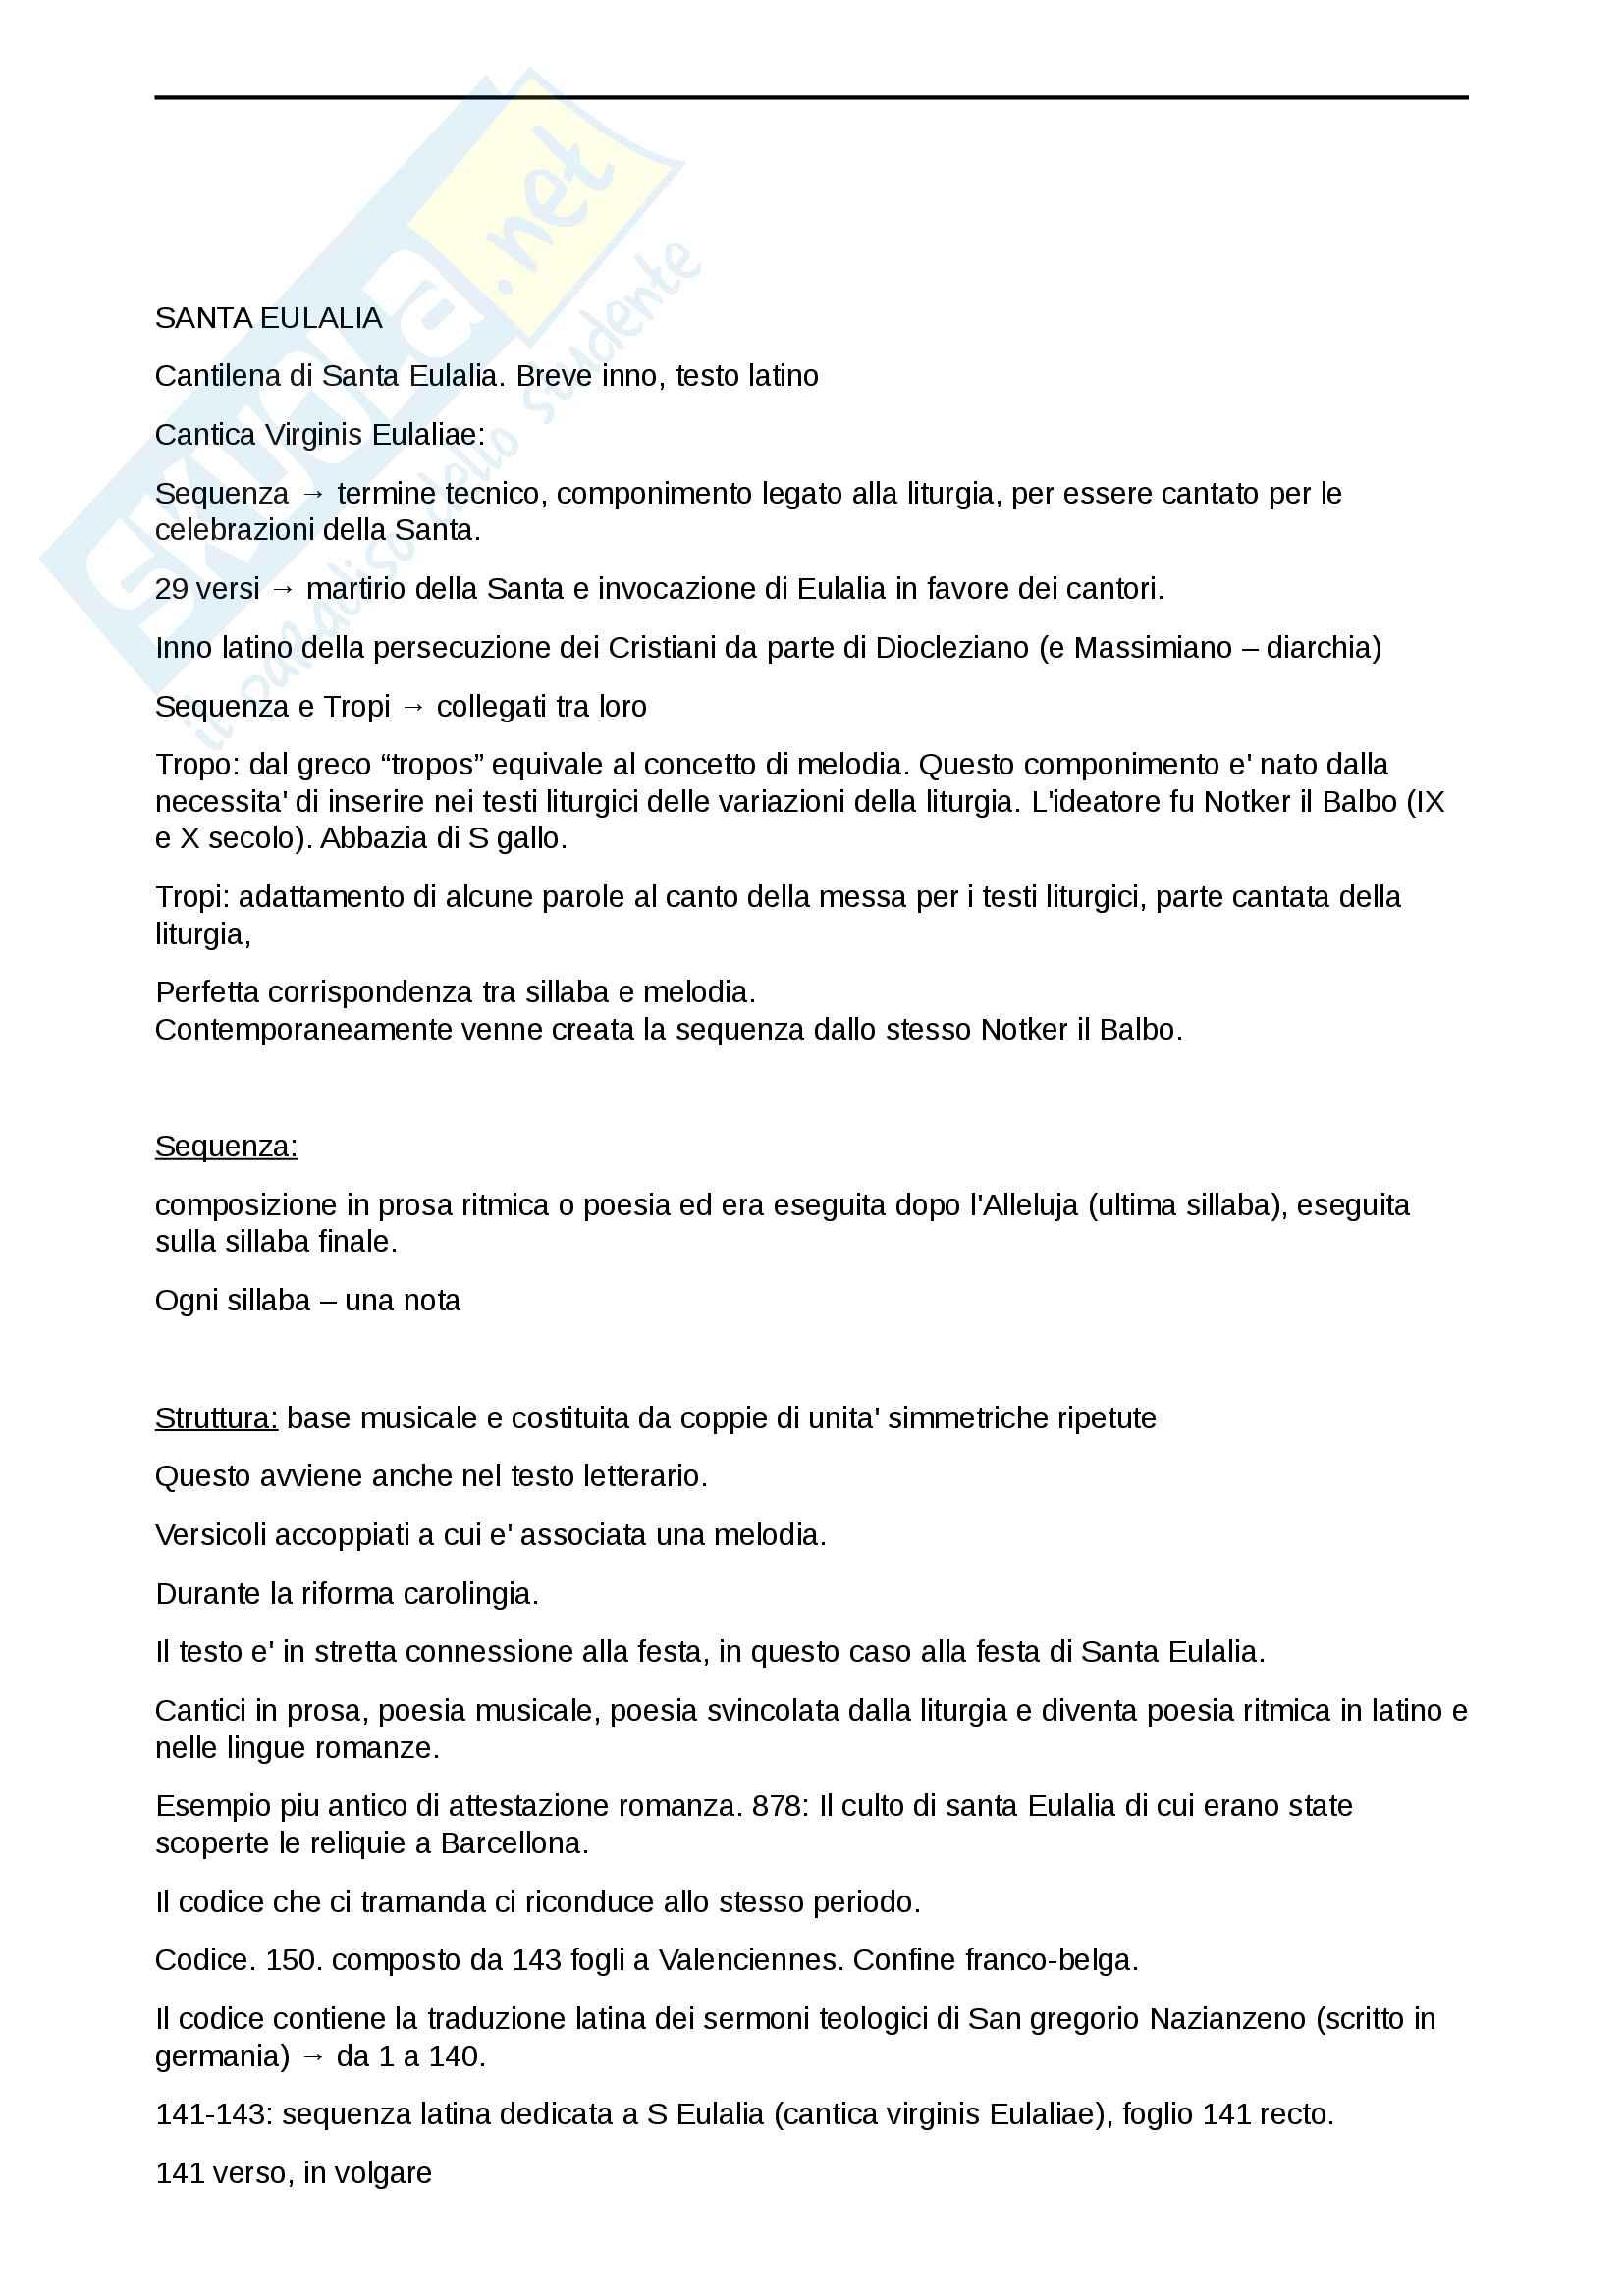 Sequenza di Sant'Eulalia - contesto storico, analisi metrica, analisi linguistica Pag. 6